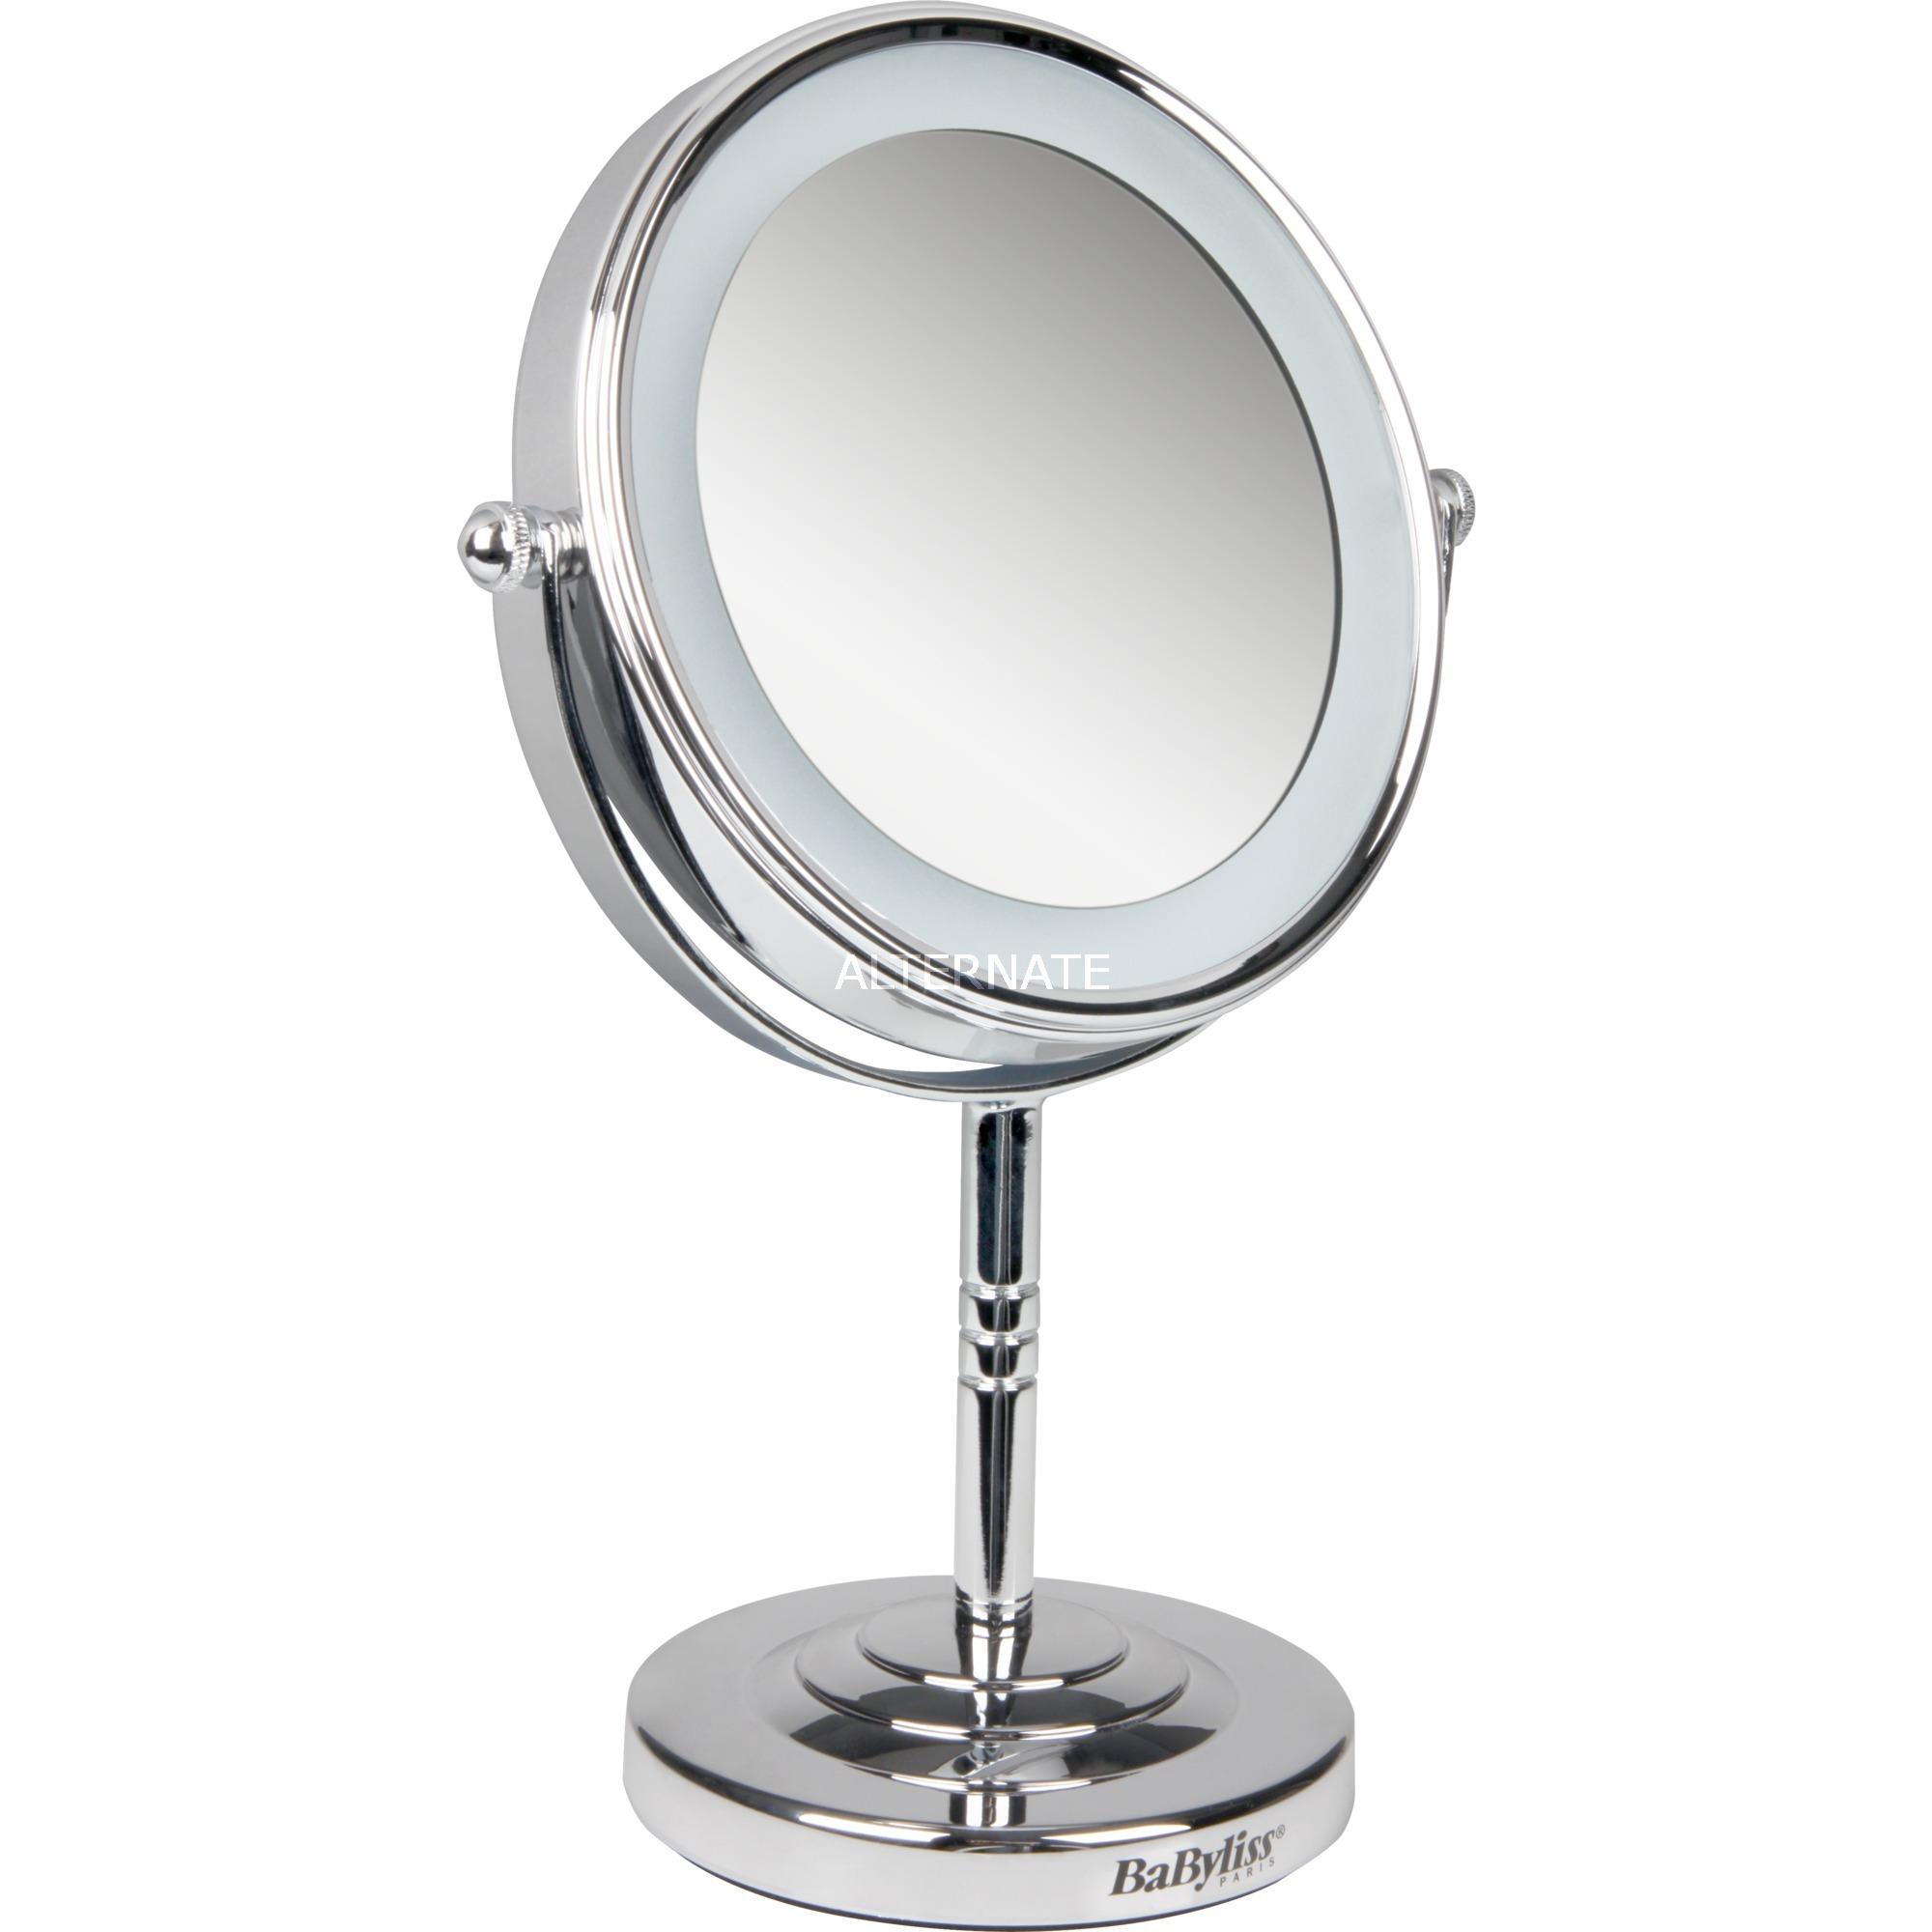 Babyliss 8438e specchio double face 8x 8438e prezzi sconti sibel - Specchio babyliss 8438e ...